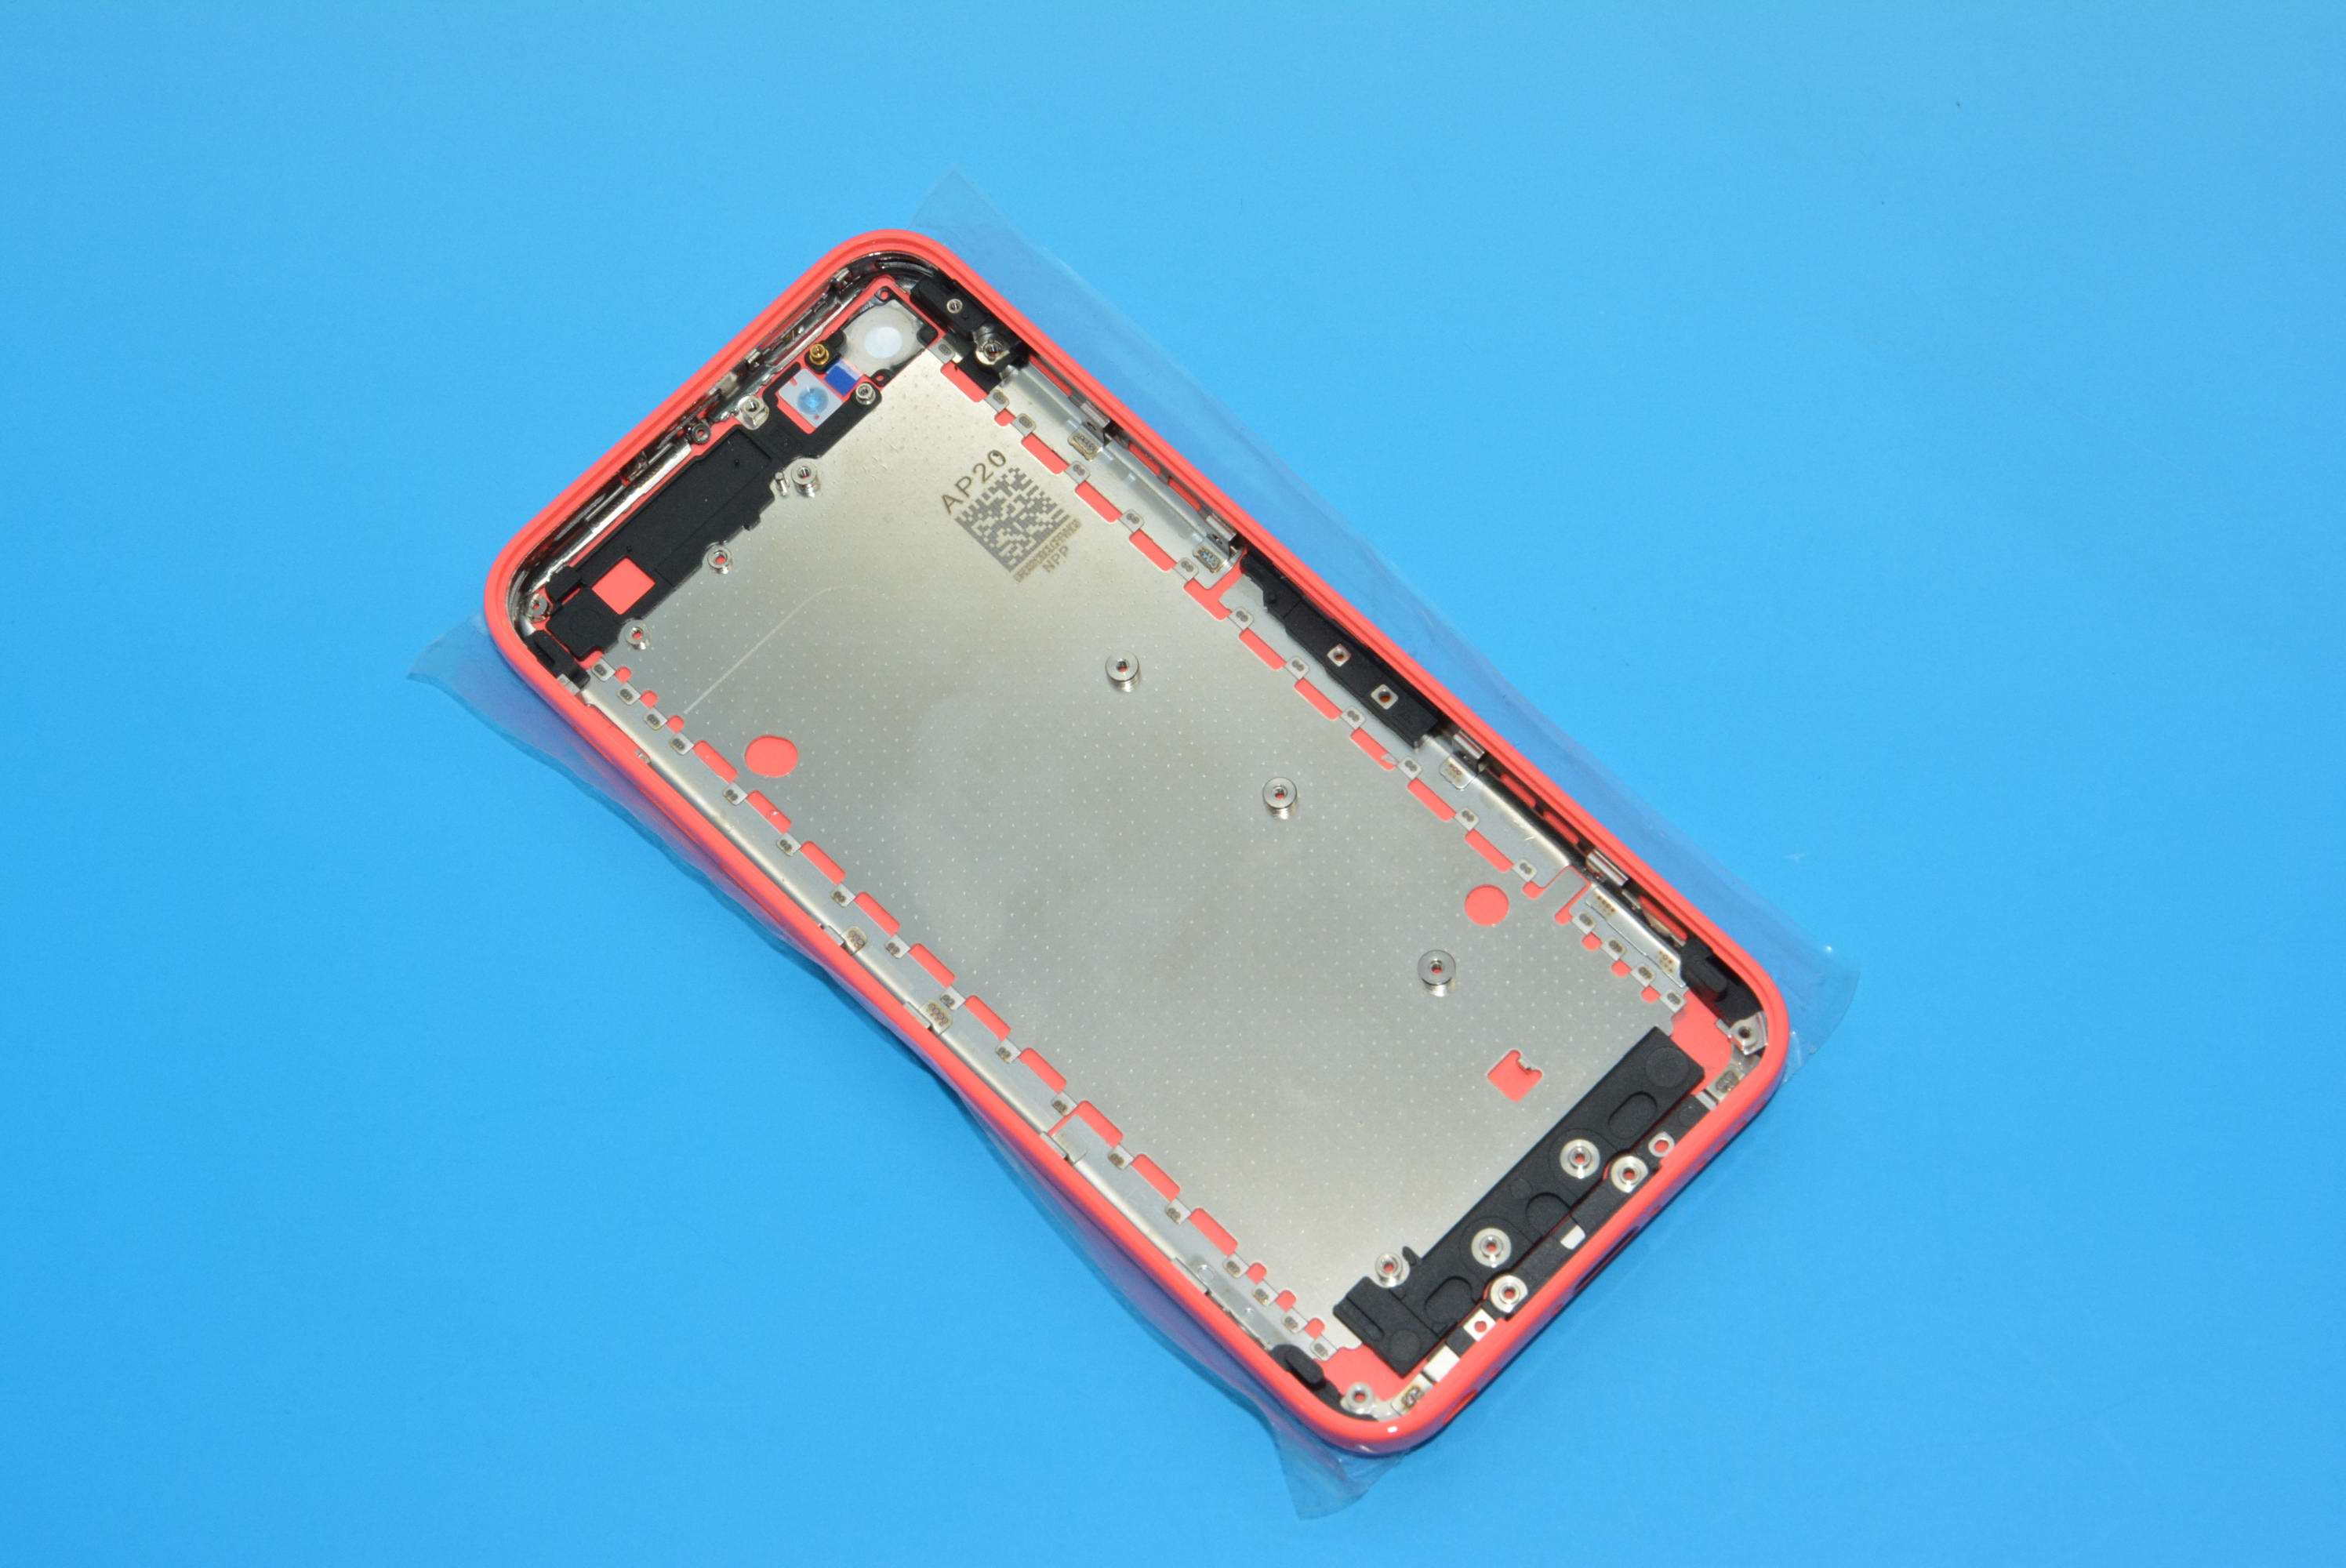 iphone 5c pink case